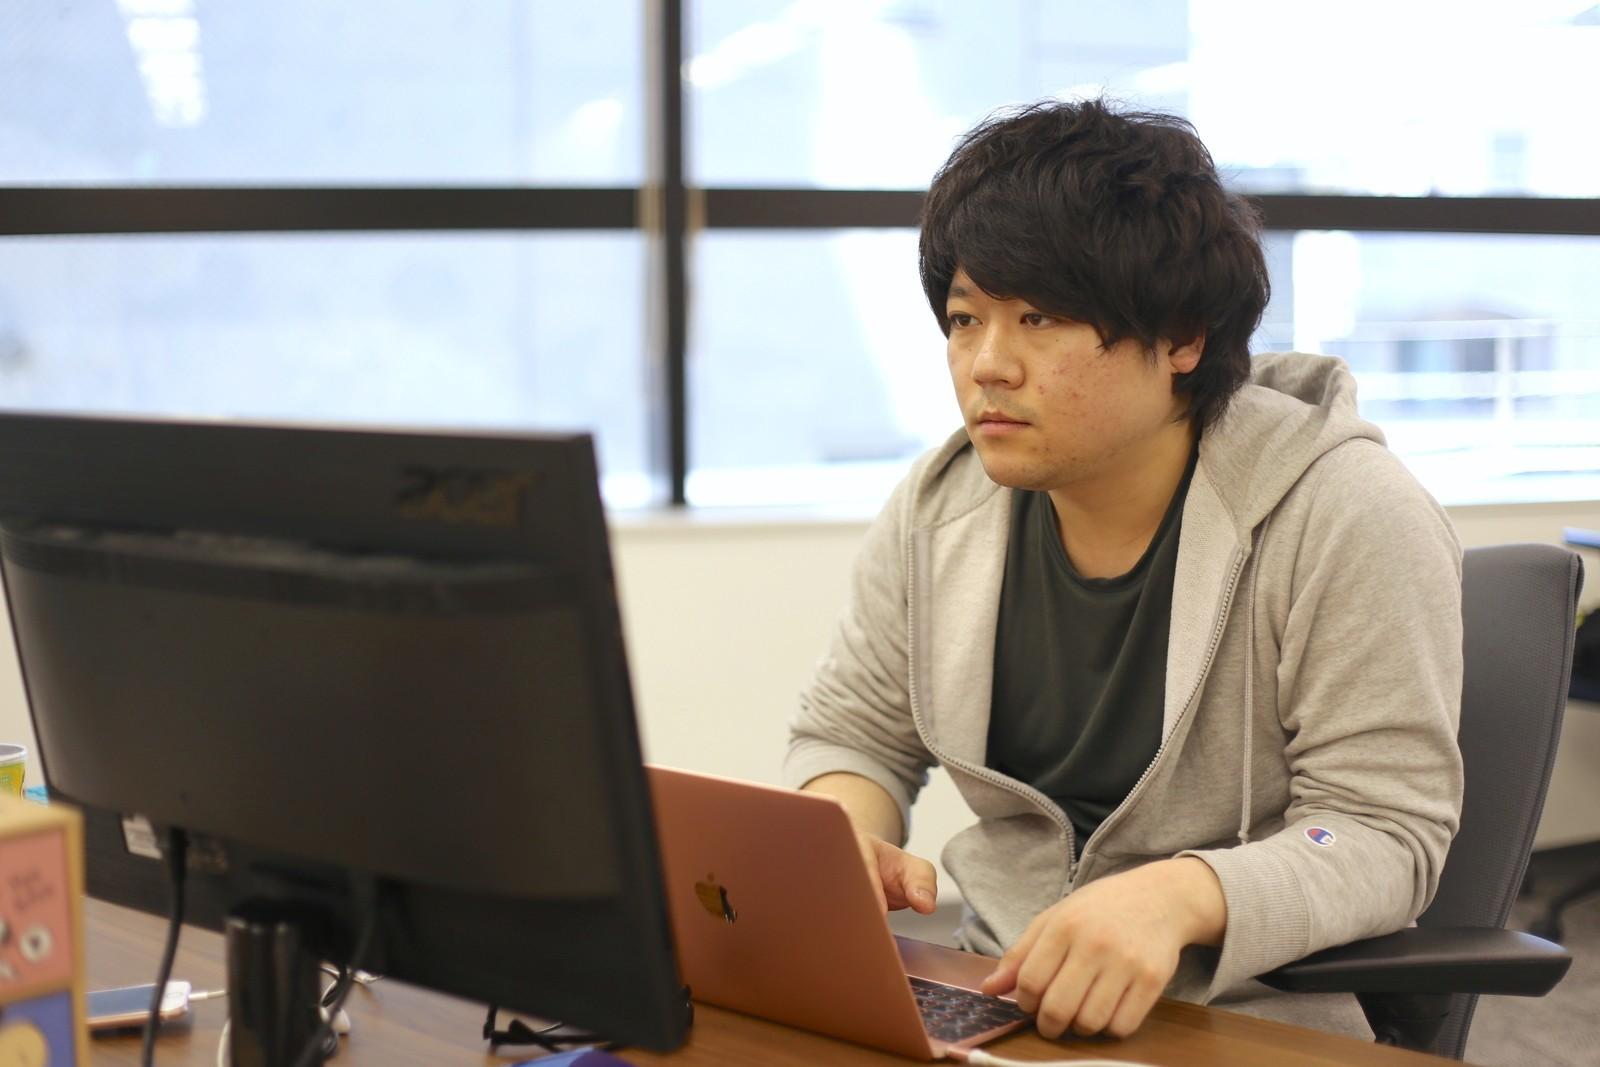 国内最大級のクラウドファンディングサービス「Readyfor」で、新たな資金流通エコシステムを創るバックエンド&APIエンジニアを募集!